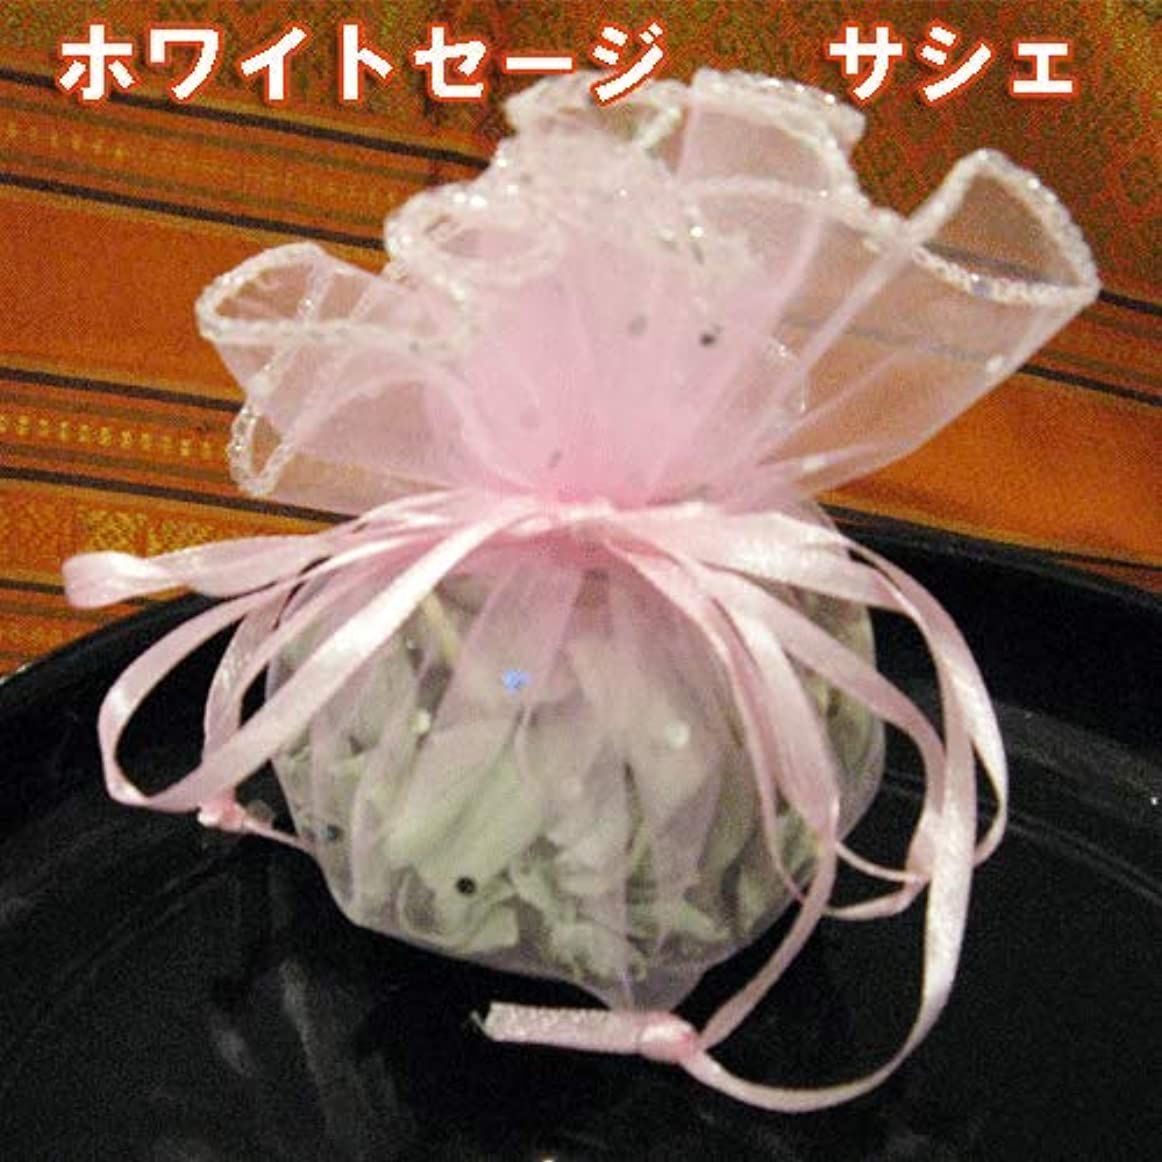 直径宗教的なポルノホワイトセージ サシェ オーガンジー袋入り 約10g